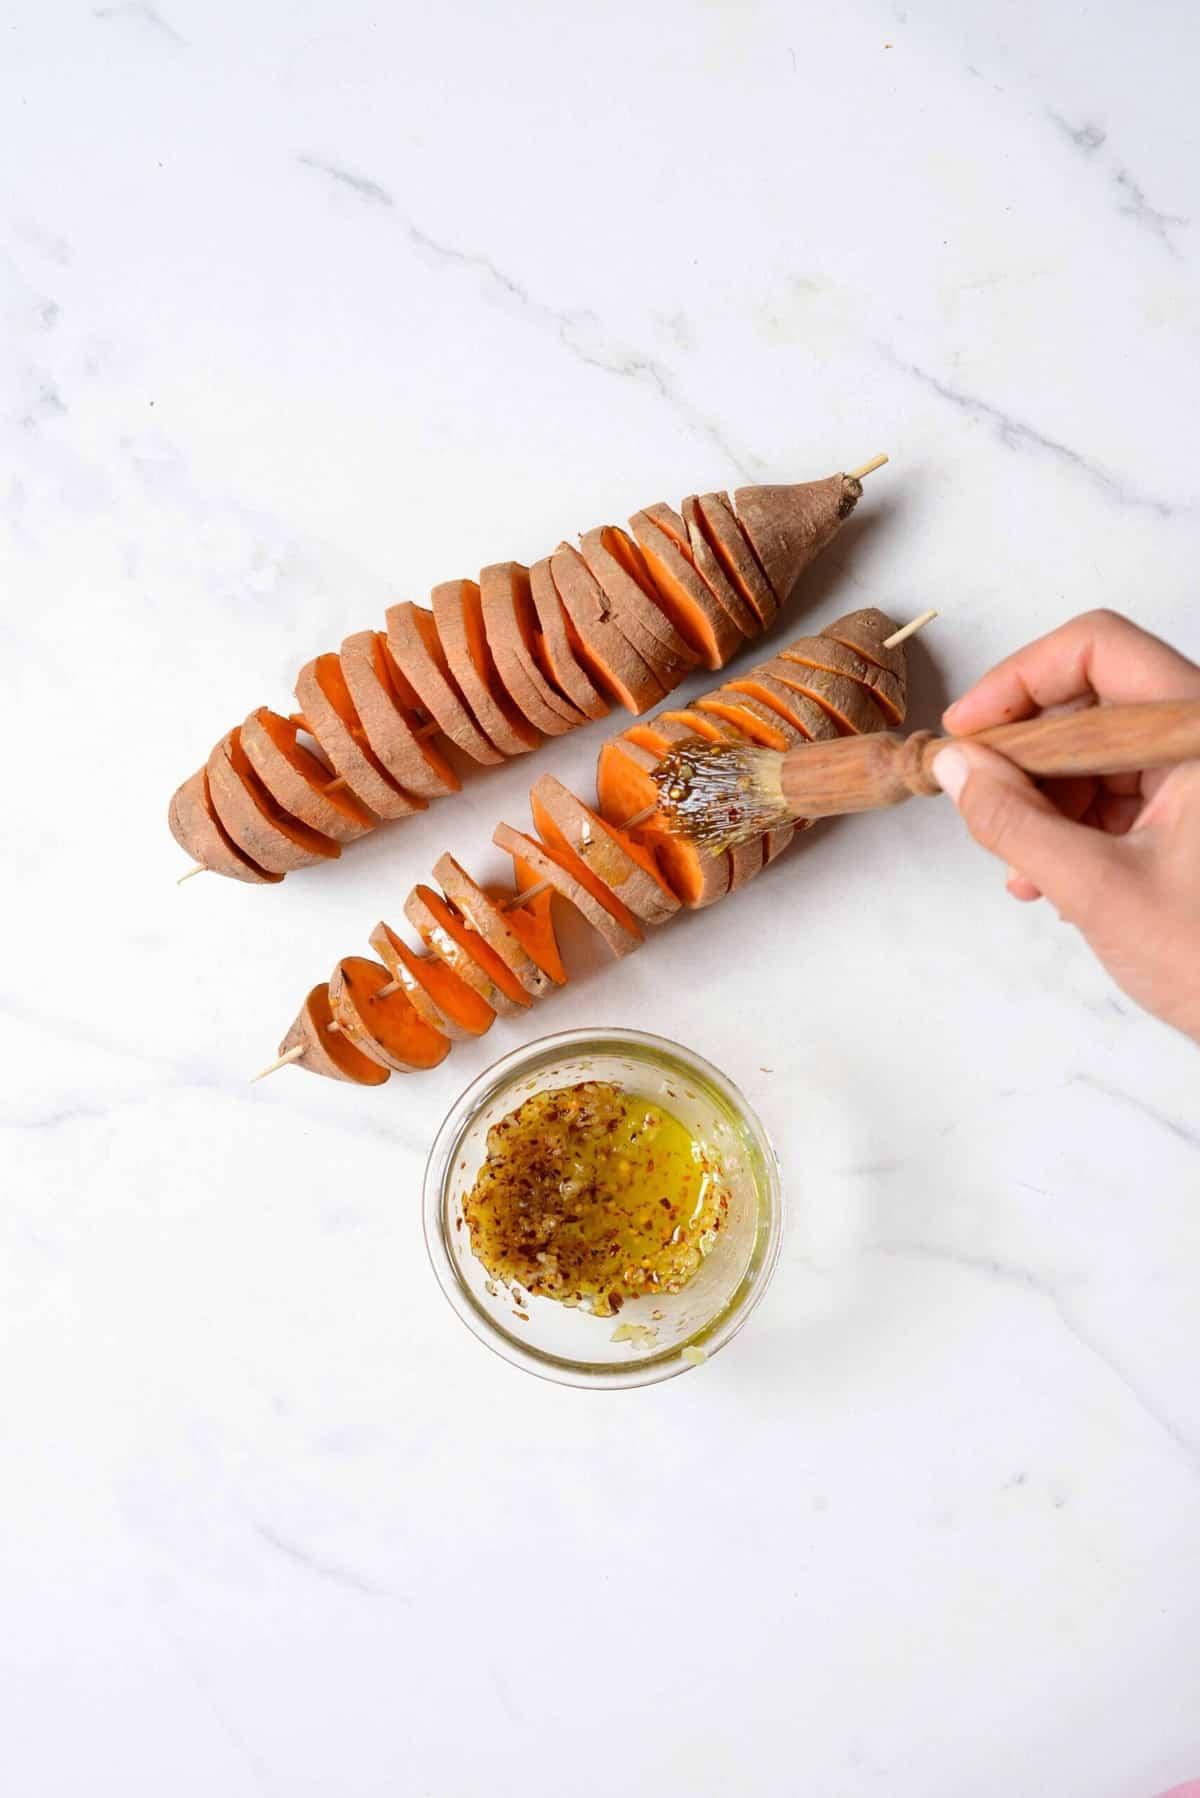 Sweet potato on a skewer